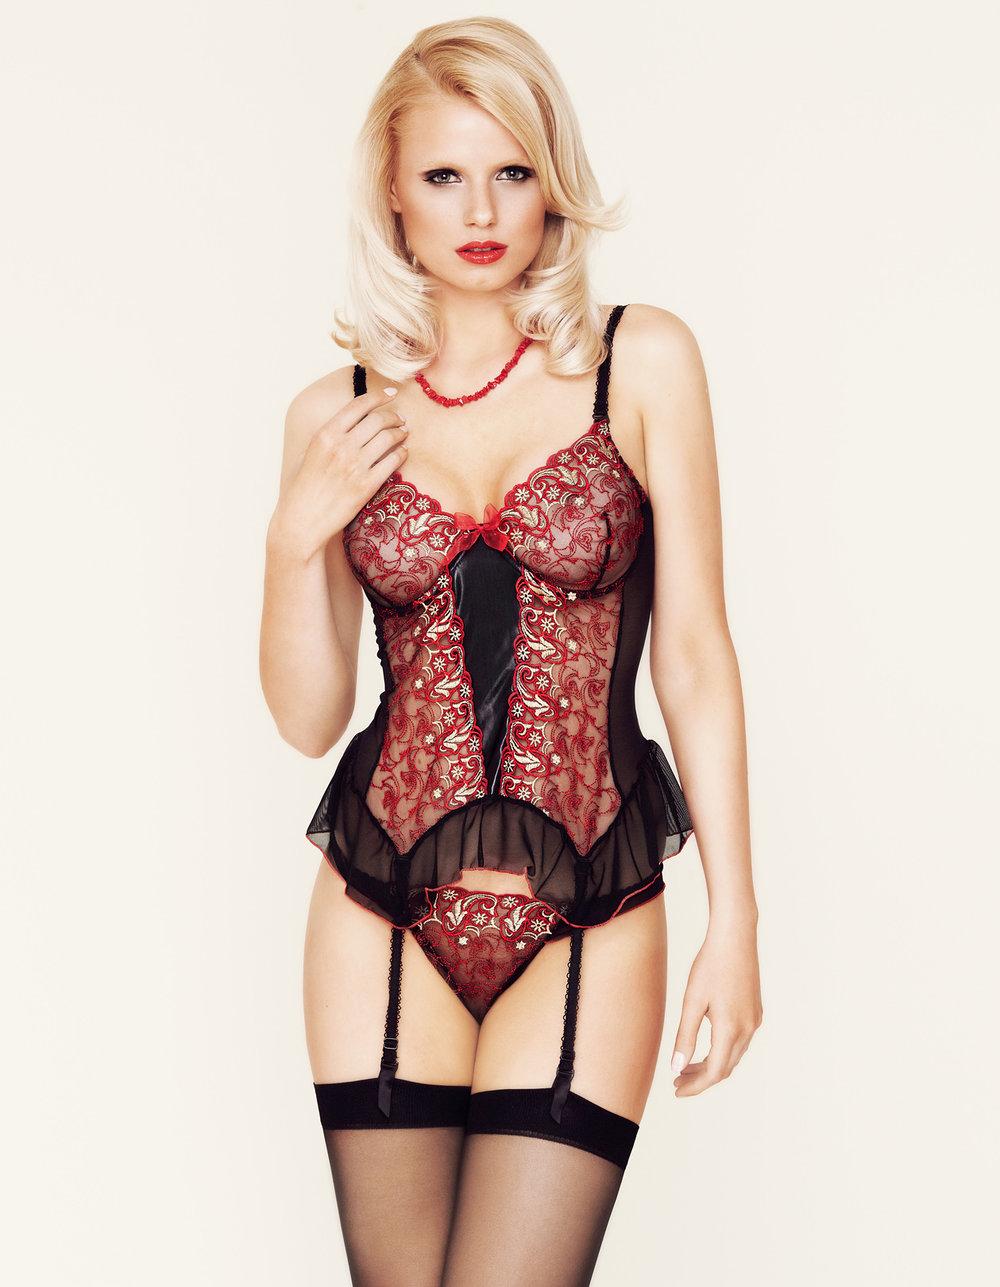 lingerie__MG_9643.jpg